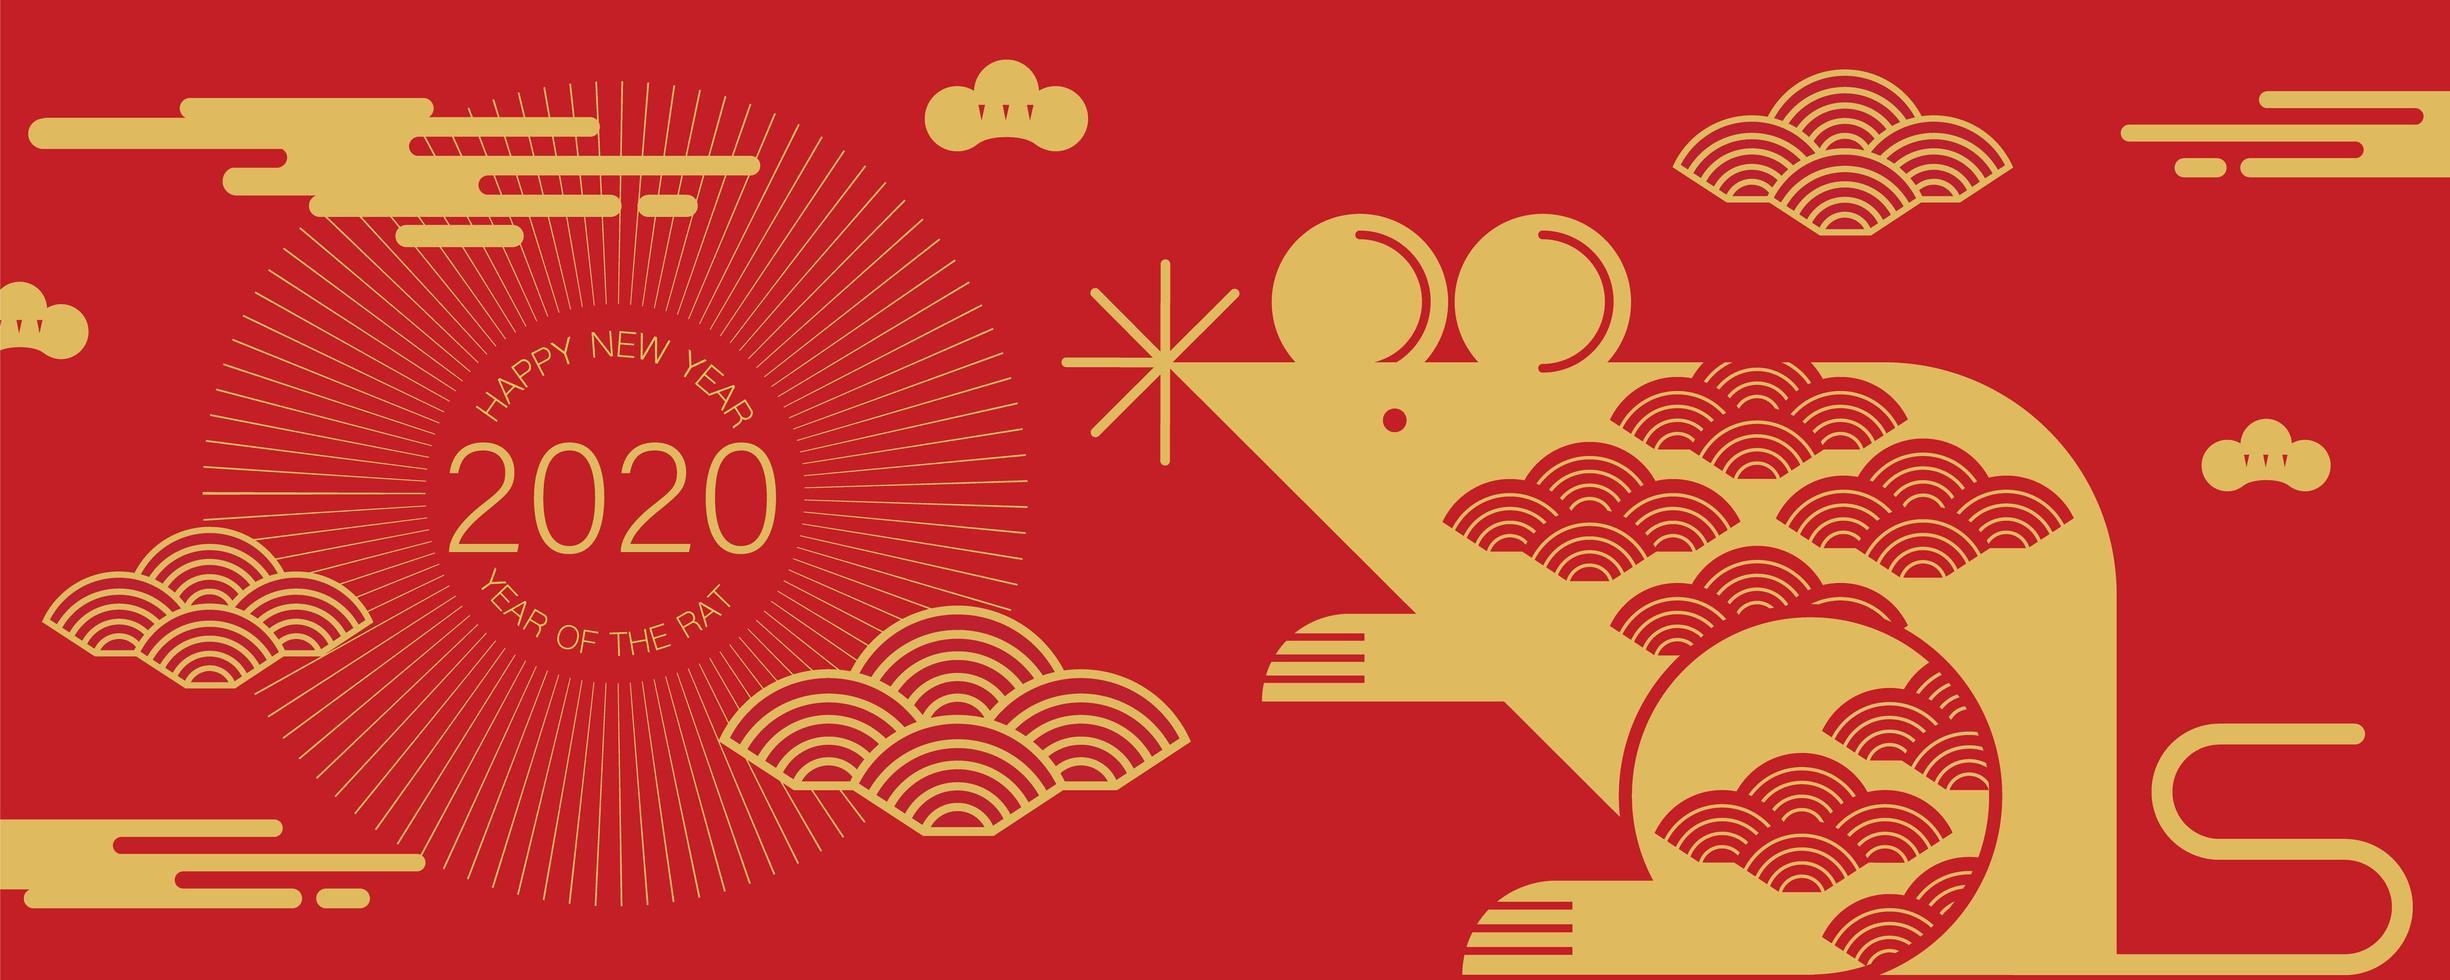 banner för kinesiska nyåret med råtta och moln vektor